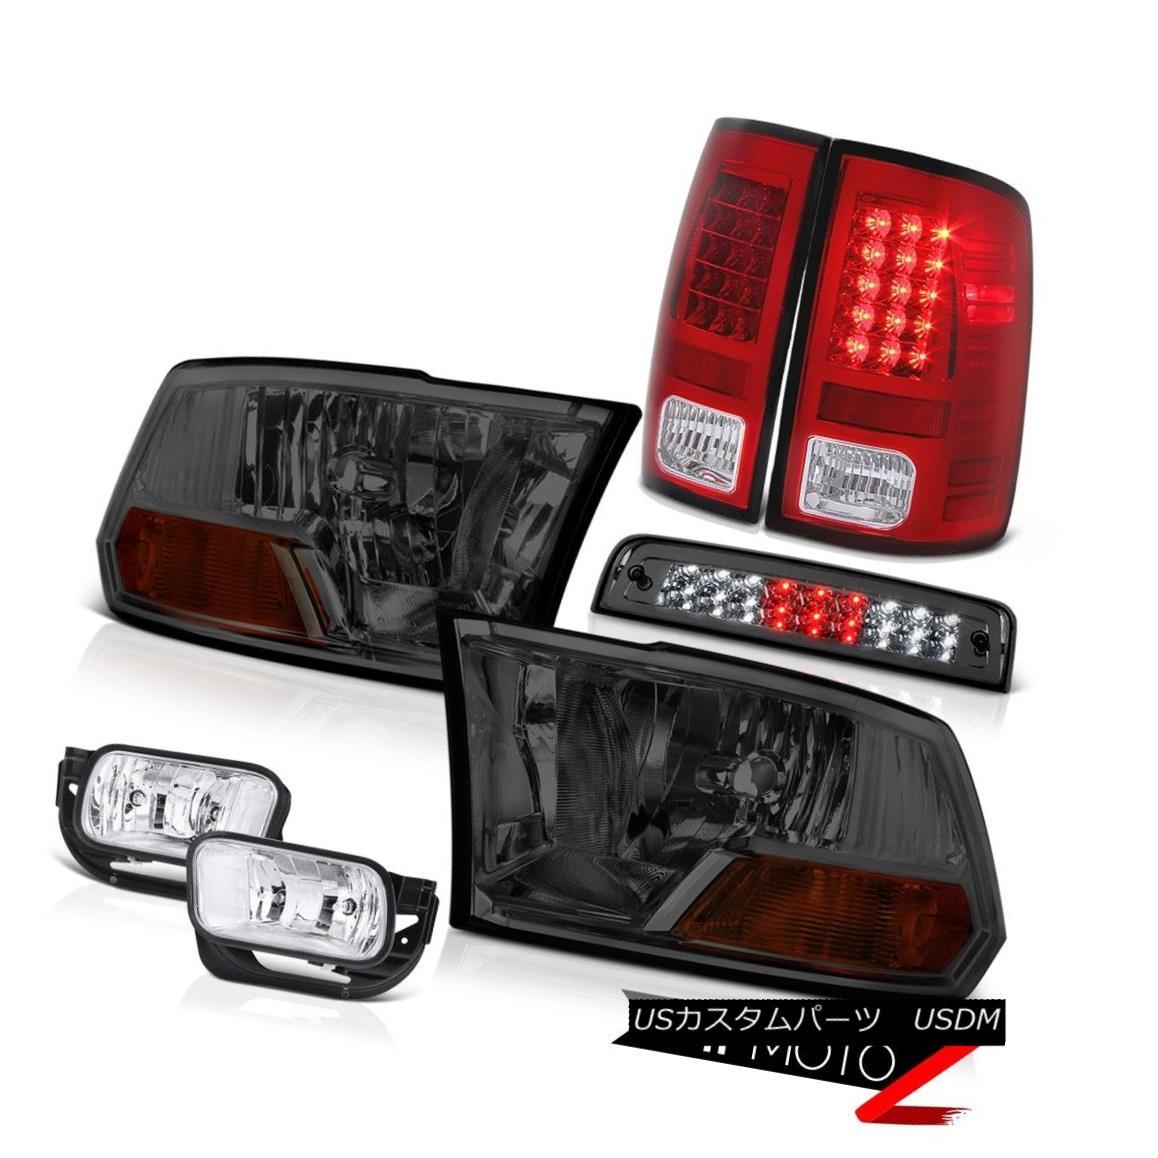 テールライト 09-13 Dodge Ram 1500 5.7L Foglights High Stop Light Red Tail Lights Headlamps 09-13 Dodge Ram 1500 5.7L Foglightsハイストップライトレッドテールライトヘッドランプ